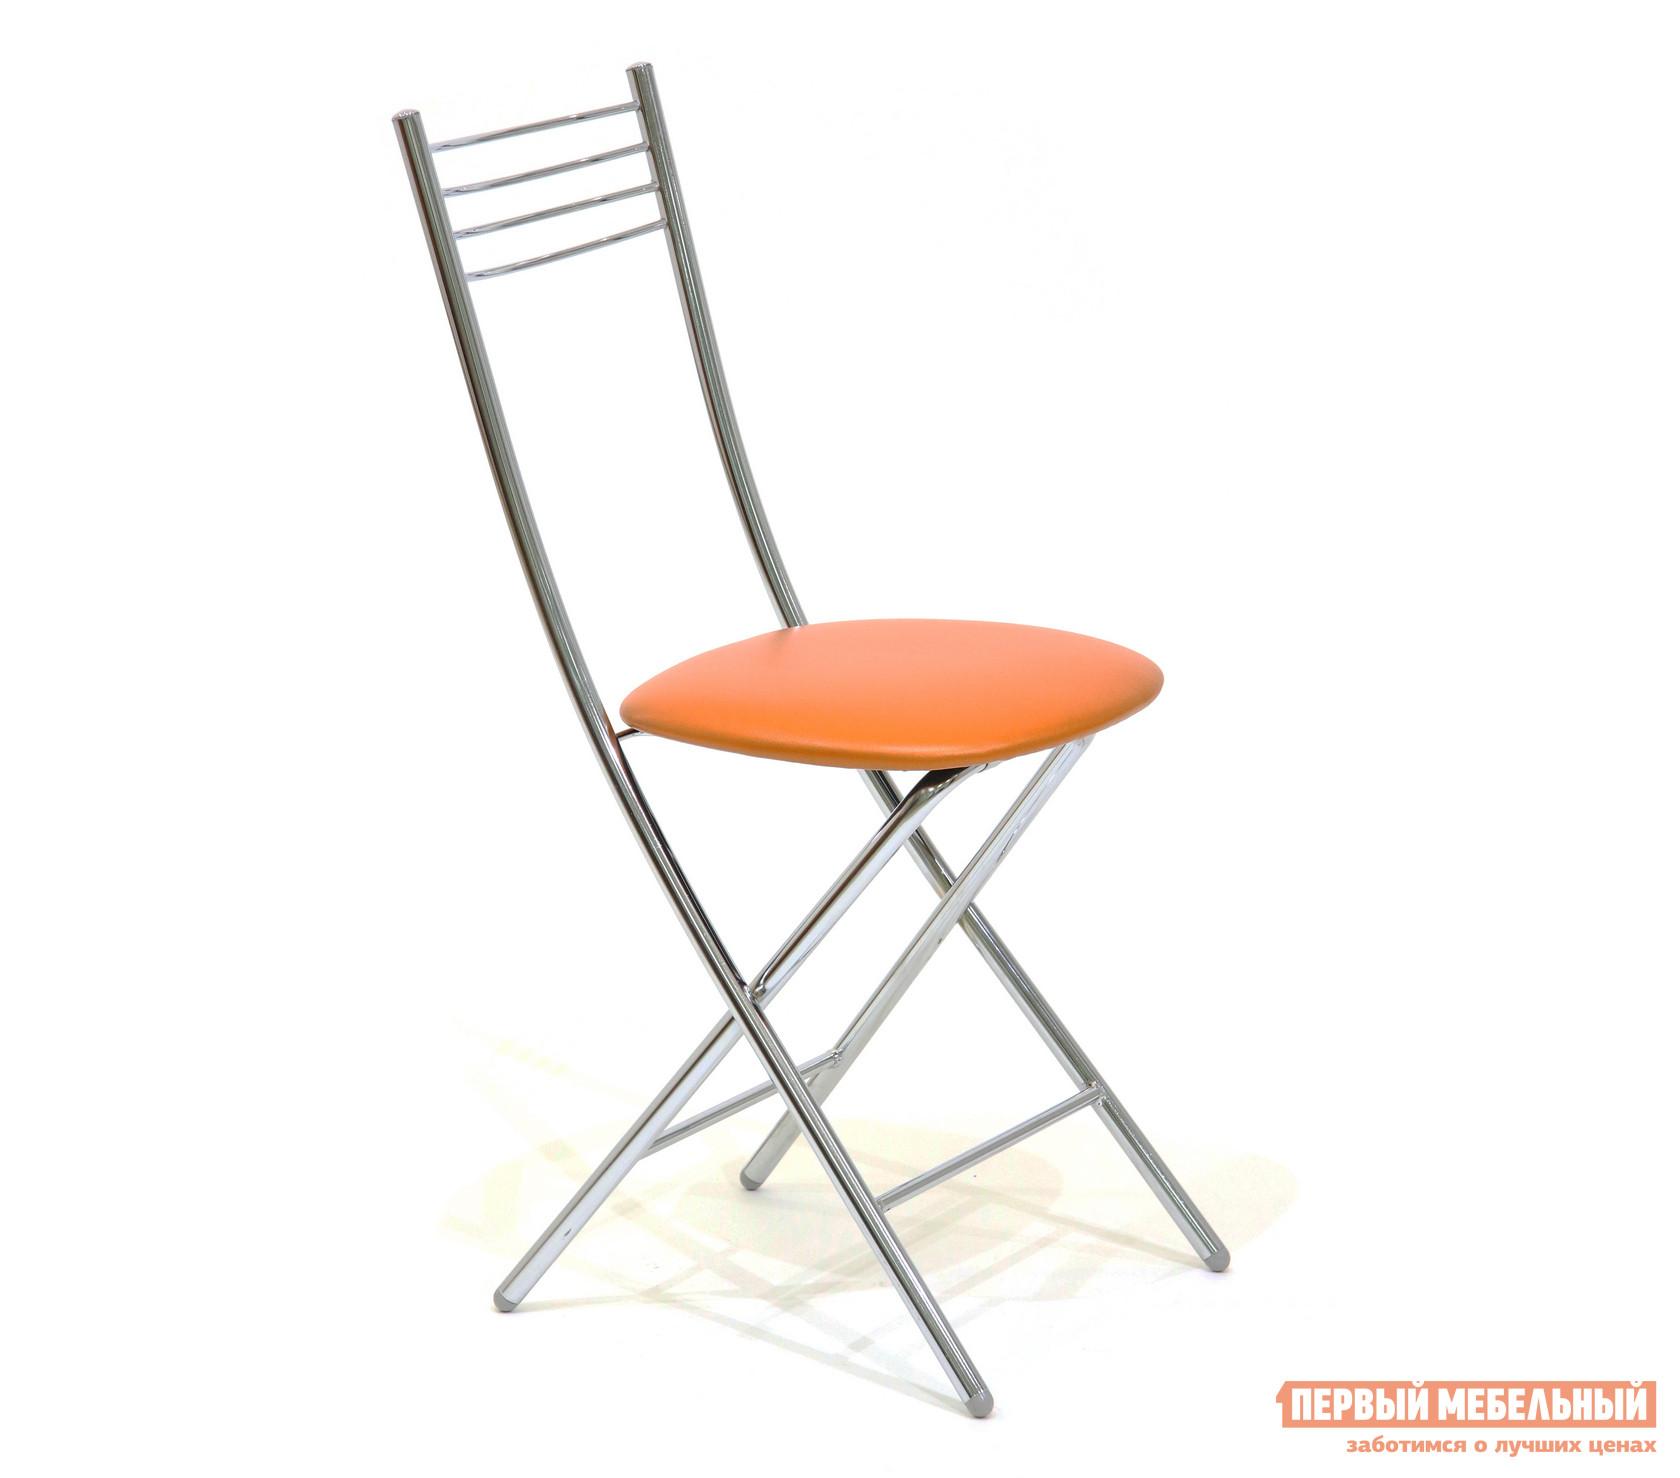 Складной стул Первый Мебельный Хлоя складной colibri складной стул